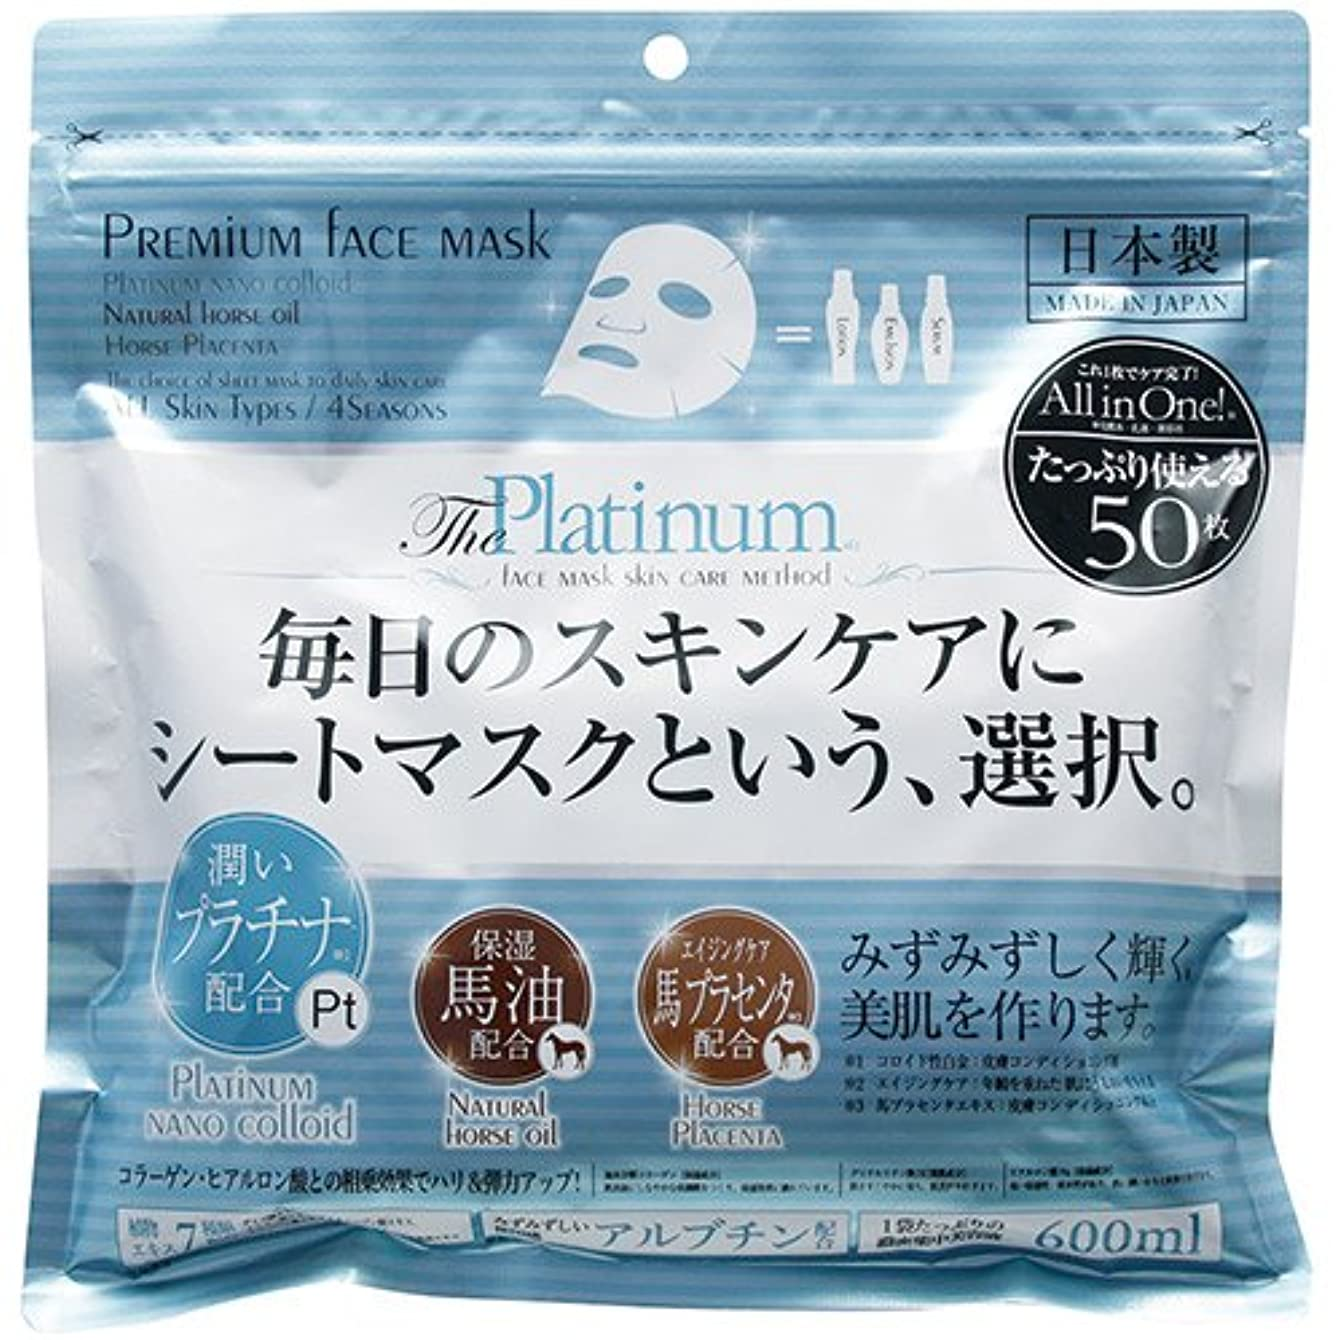 忠実な抗生物質マーガレットミッチェルプレミアムフェイスマスク プラチナ 50枚